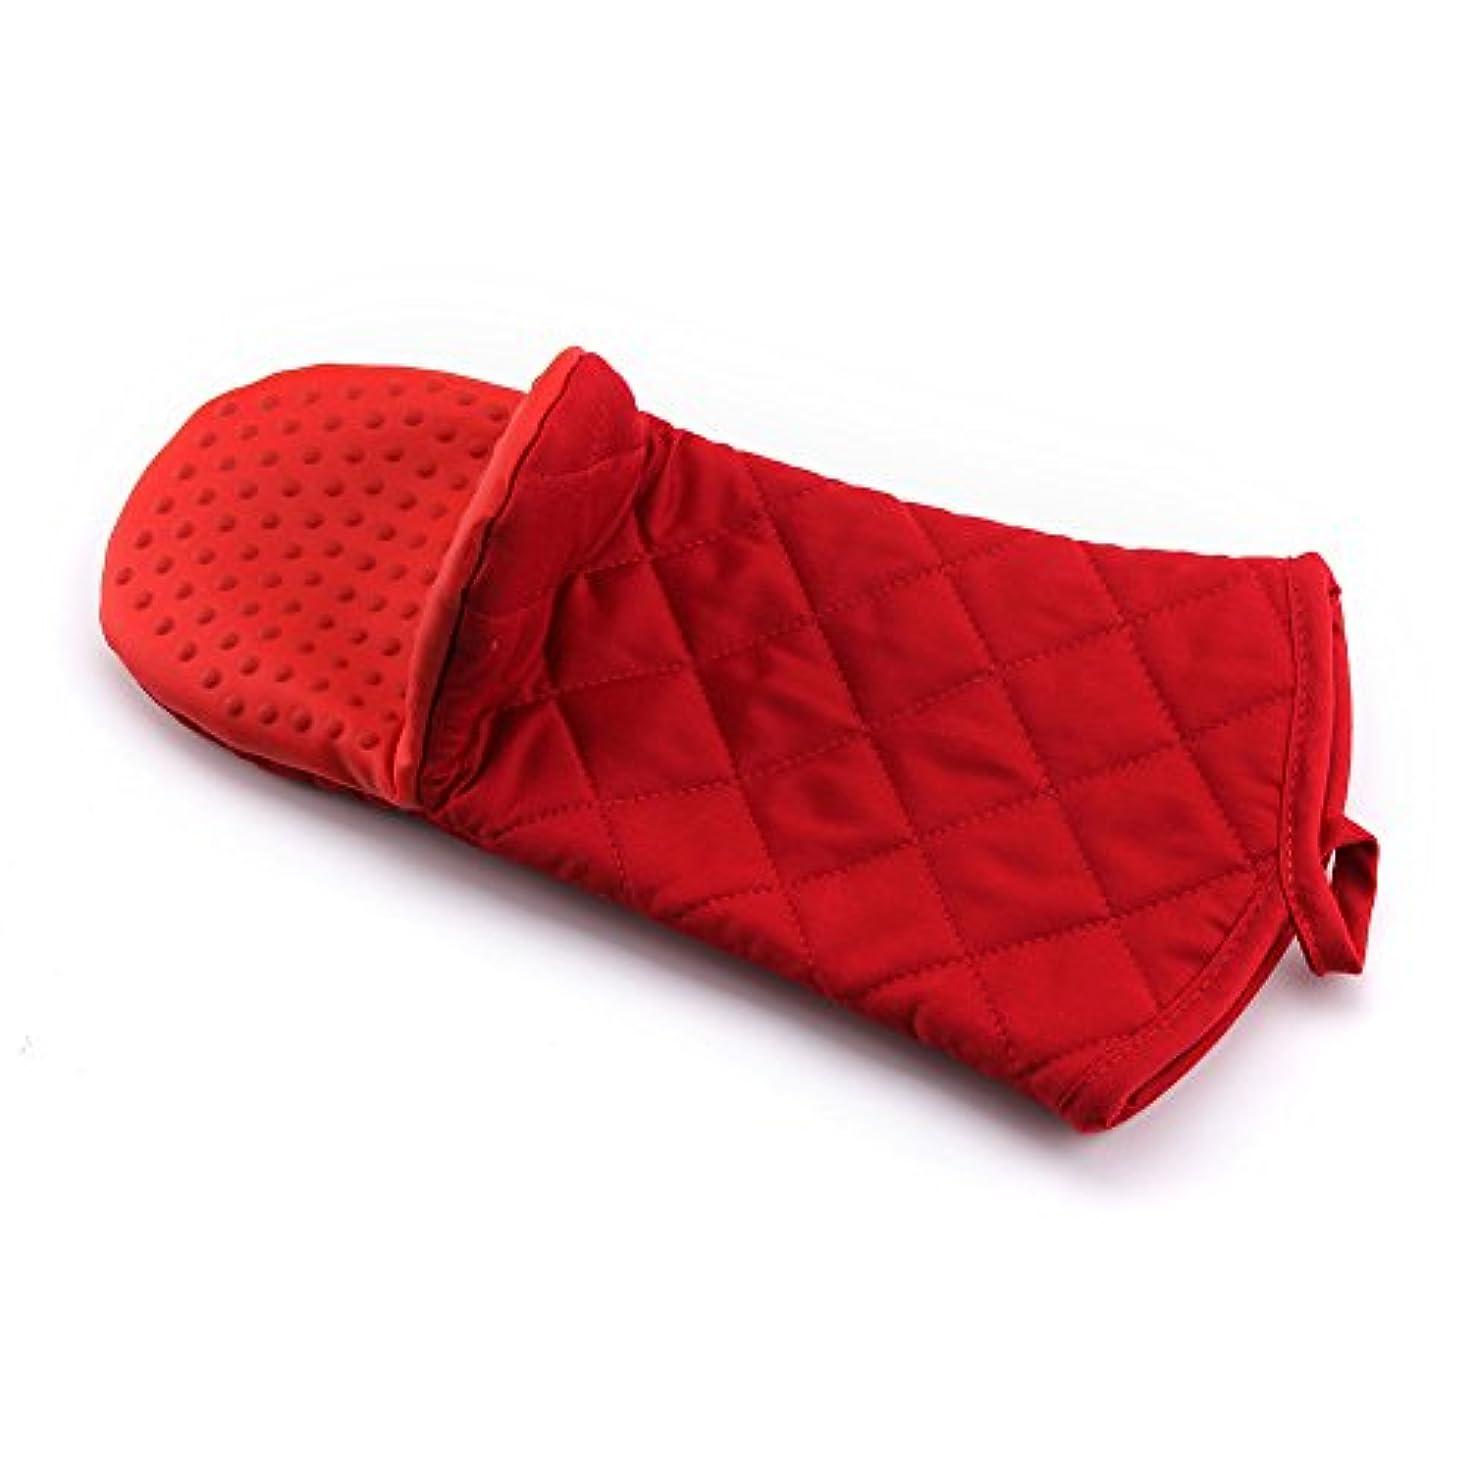 里親ピンクトロピカルOUYOU 耐熱グローブ シリコンチェック 耐熱温度280℃ キッチングローブ オーブンミトン シリコン手袋 滑り止め クッキング用 フリーサイズ 2個セット